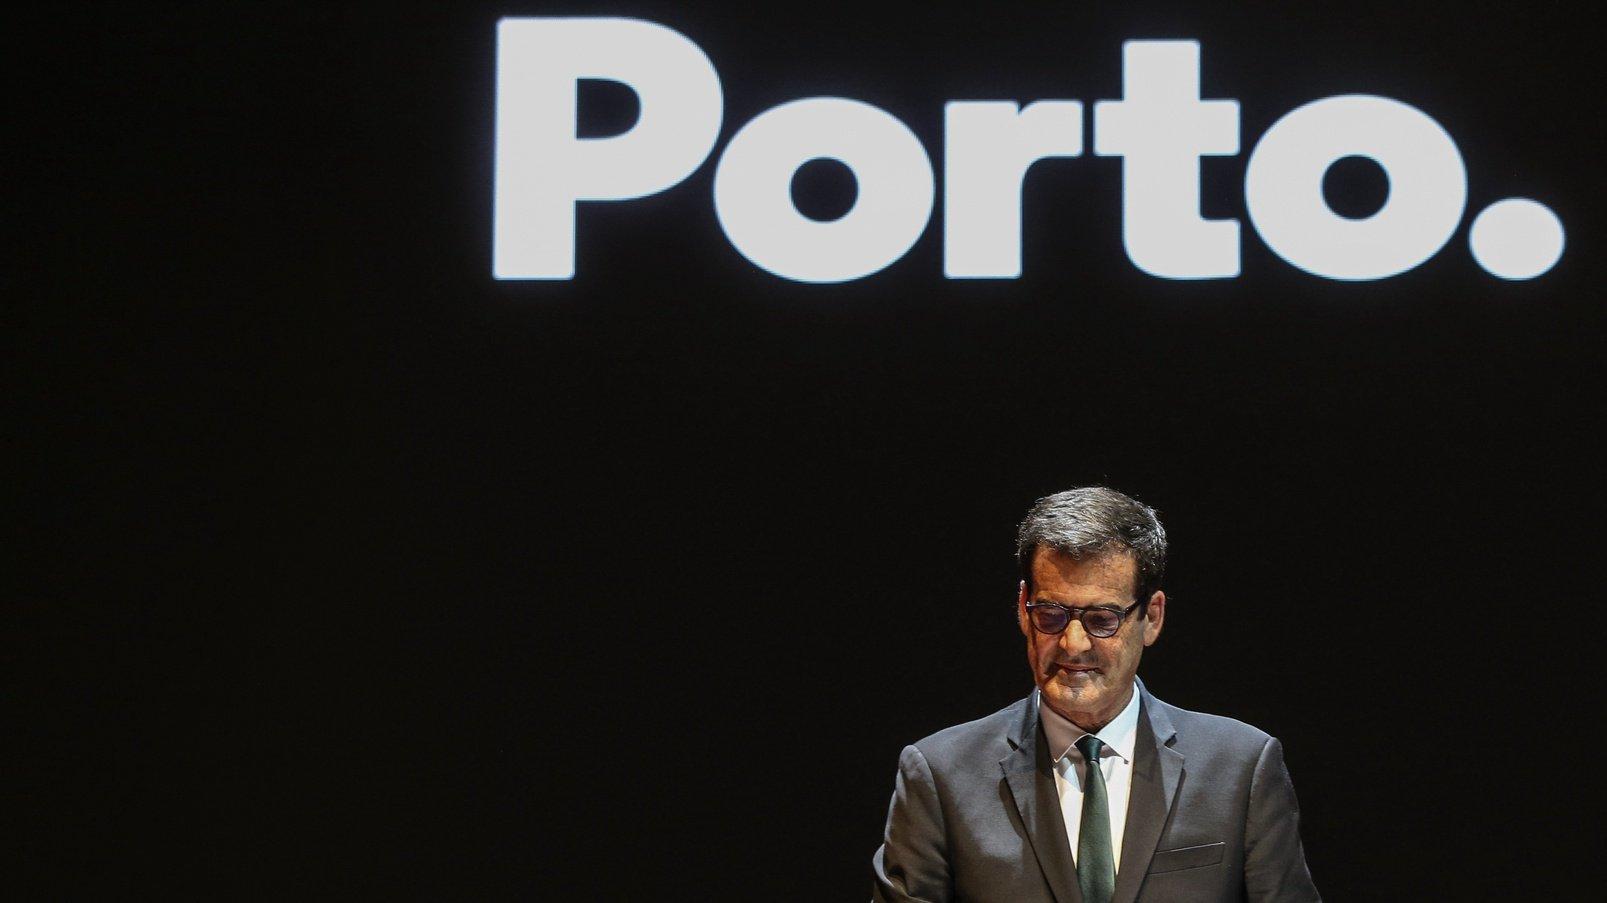 Rui Moreira, durante a cerimónia da sua tomada de posse como presidente da Câmara Municipal do Porto, Pavilhão Rosa Mota, Porto, 20 de outubro de 2021. Para além de Rui Moreira, tomam posse todos os membros eleitos para os órgãos autárquicos. JOSÉ COELHO/LUSA